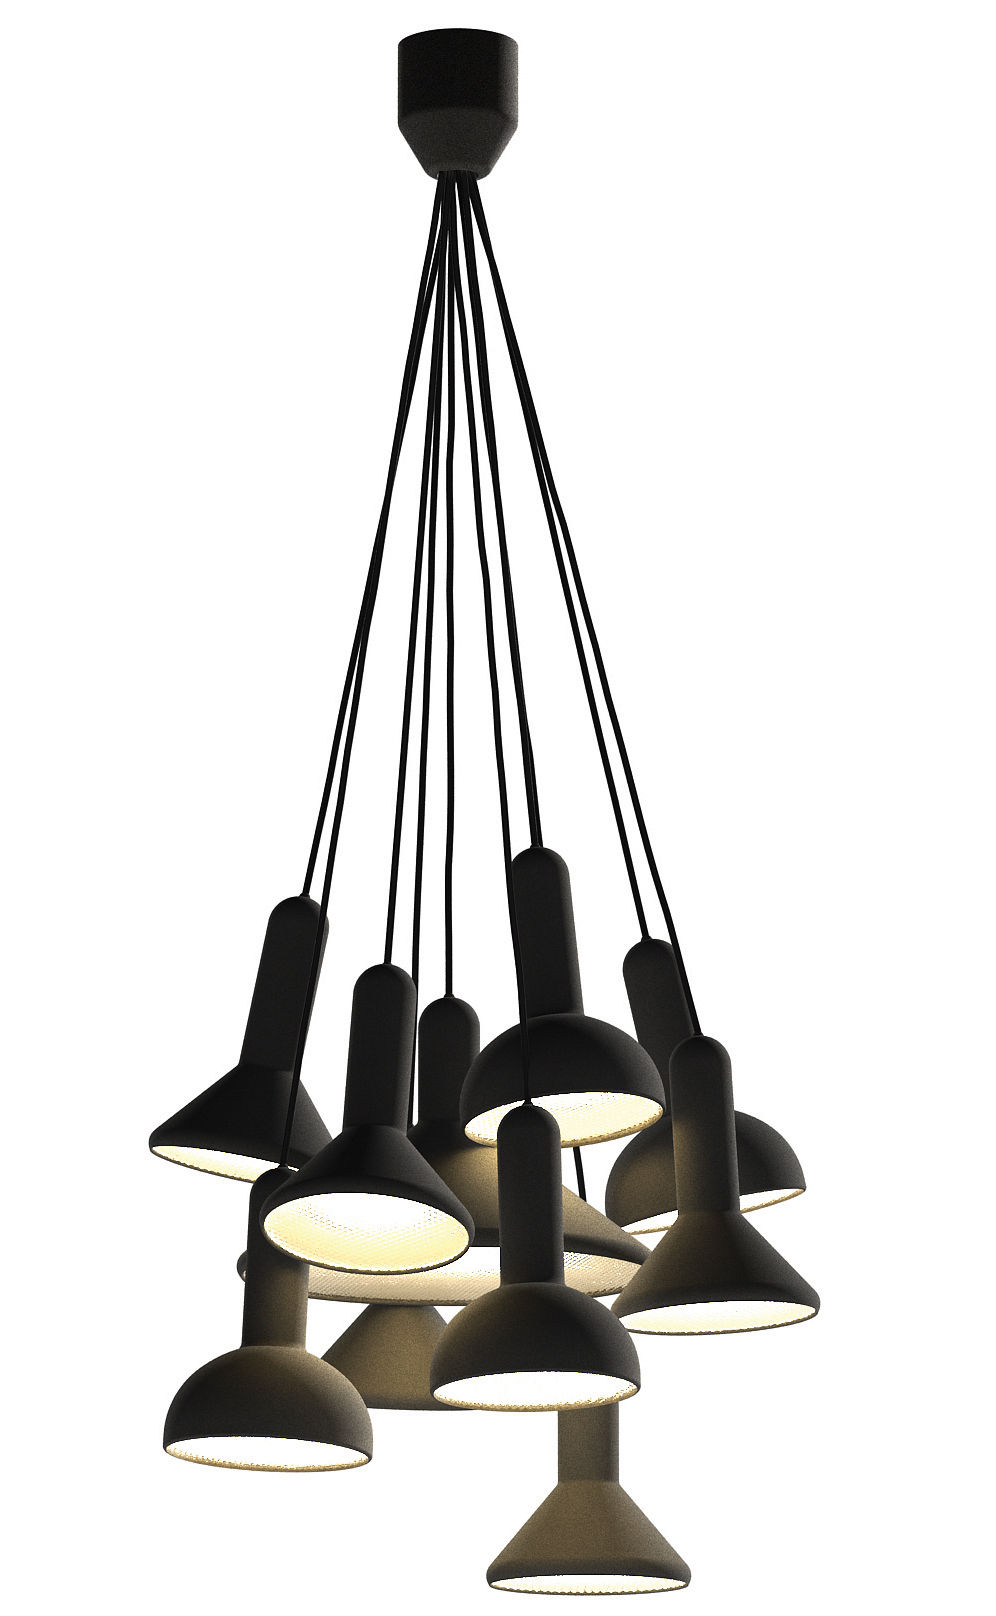 Leuchten - Pendelleuchten - Torch Light Pendelleuchte Set aus 10 Hängelampen - Established & Sons - Schwarz - PVC